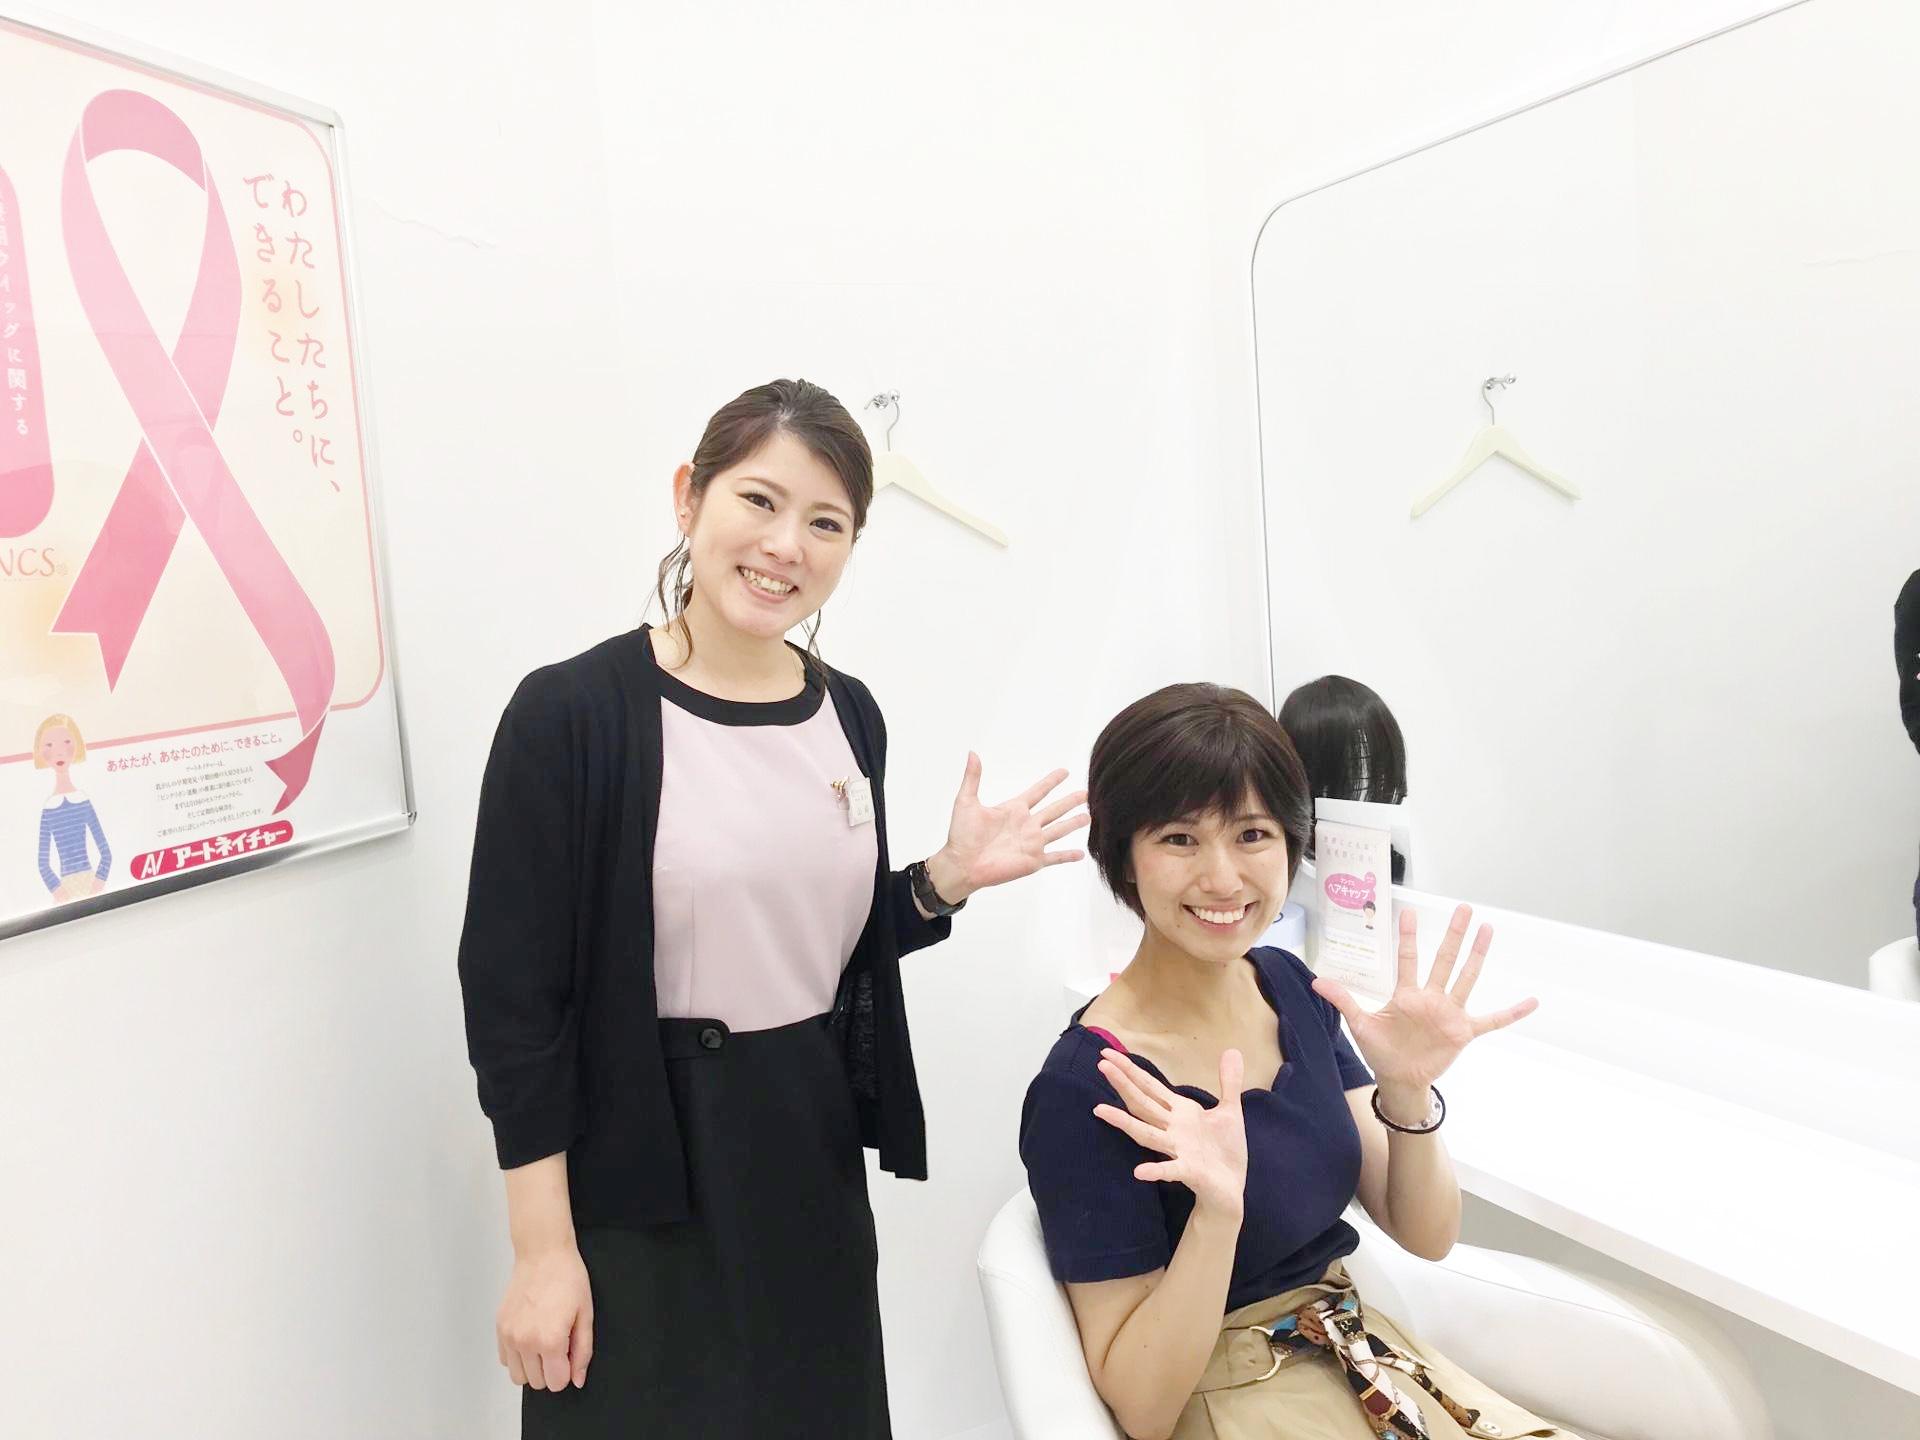 https://emifull.jp/emifulls_blog/12th/2019/09/files/1567503894009.jpg